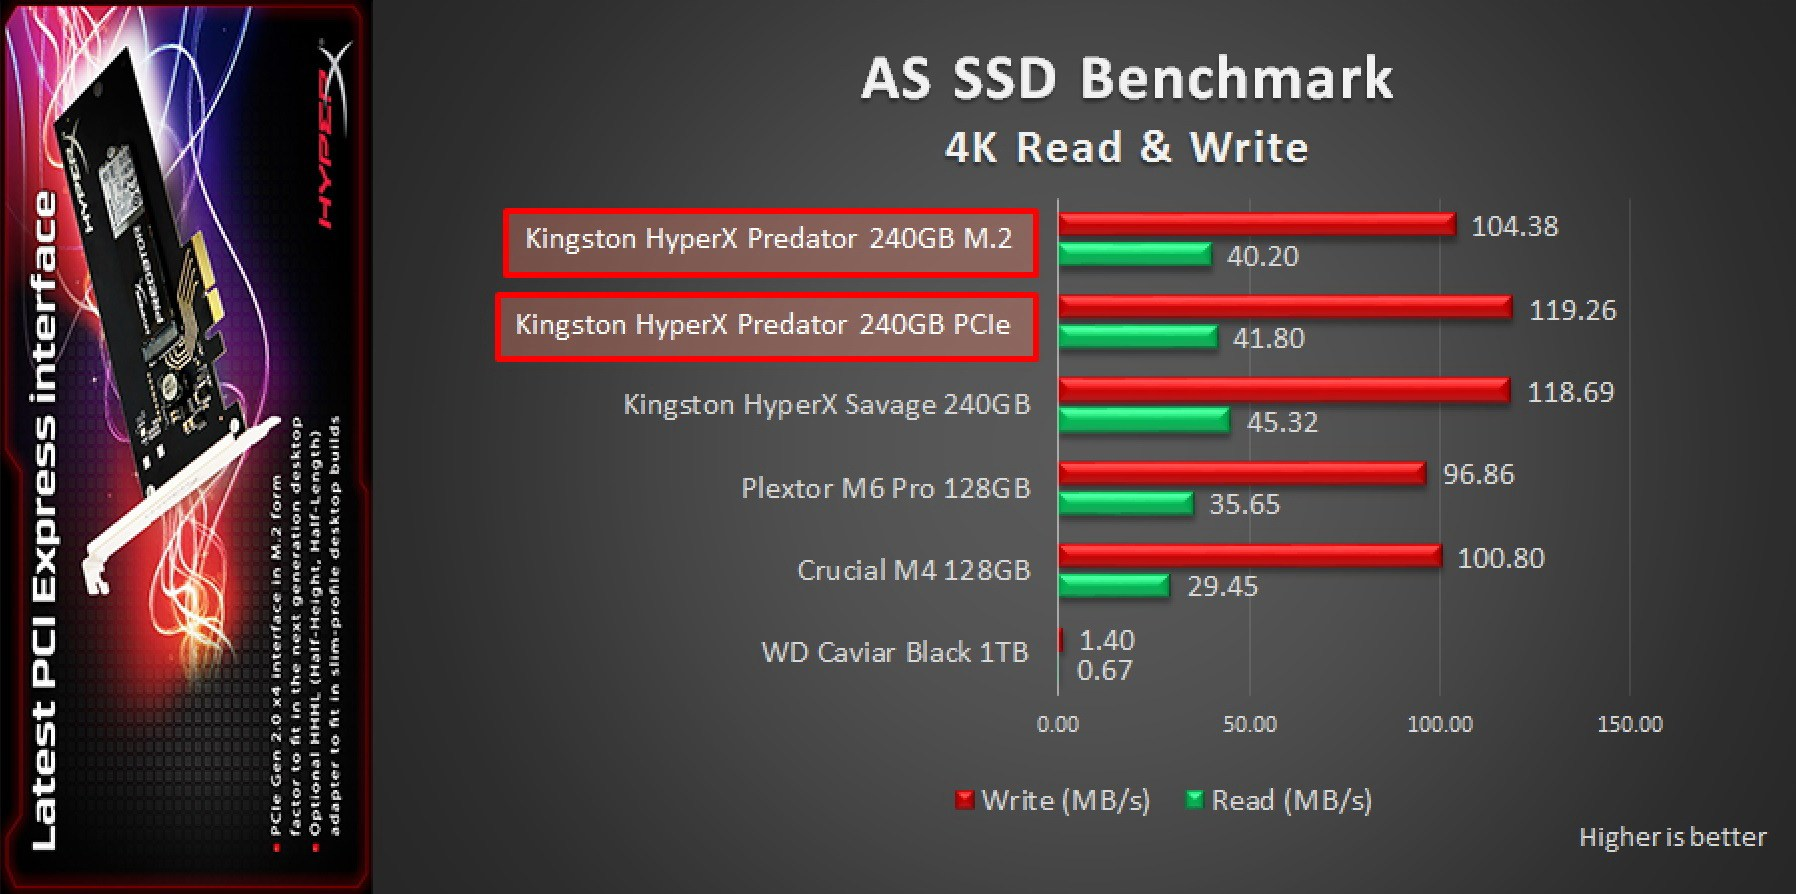 ASSD-4k.jpg